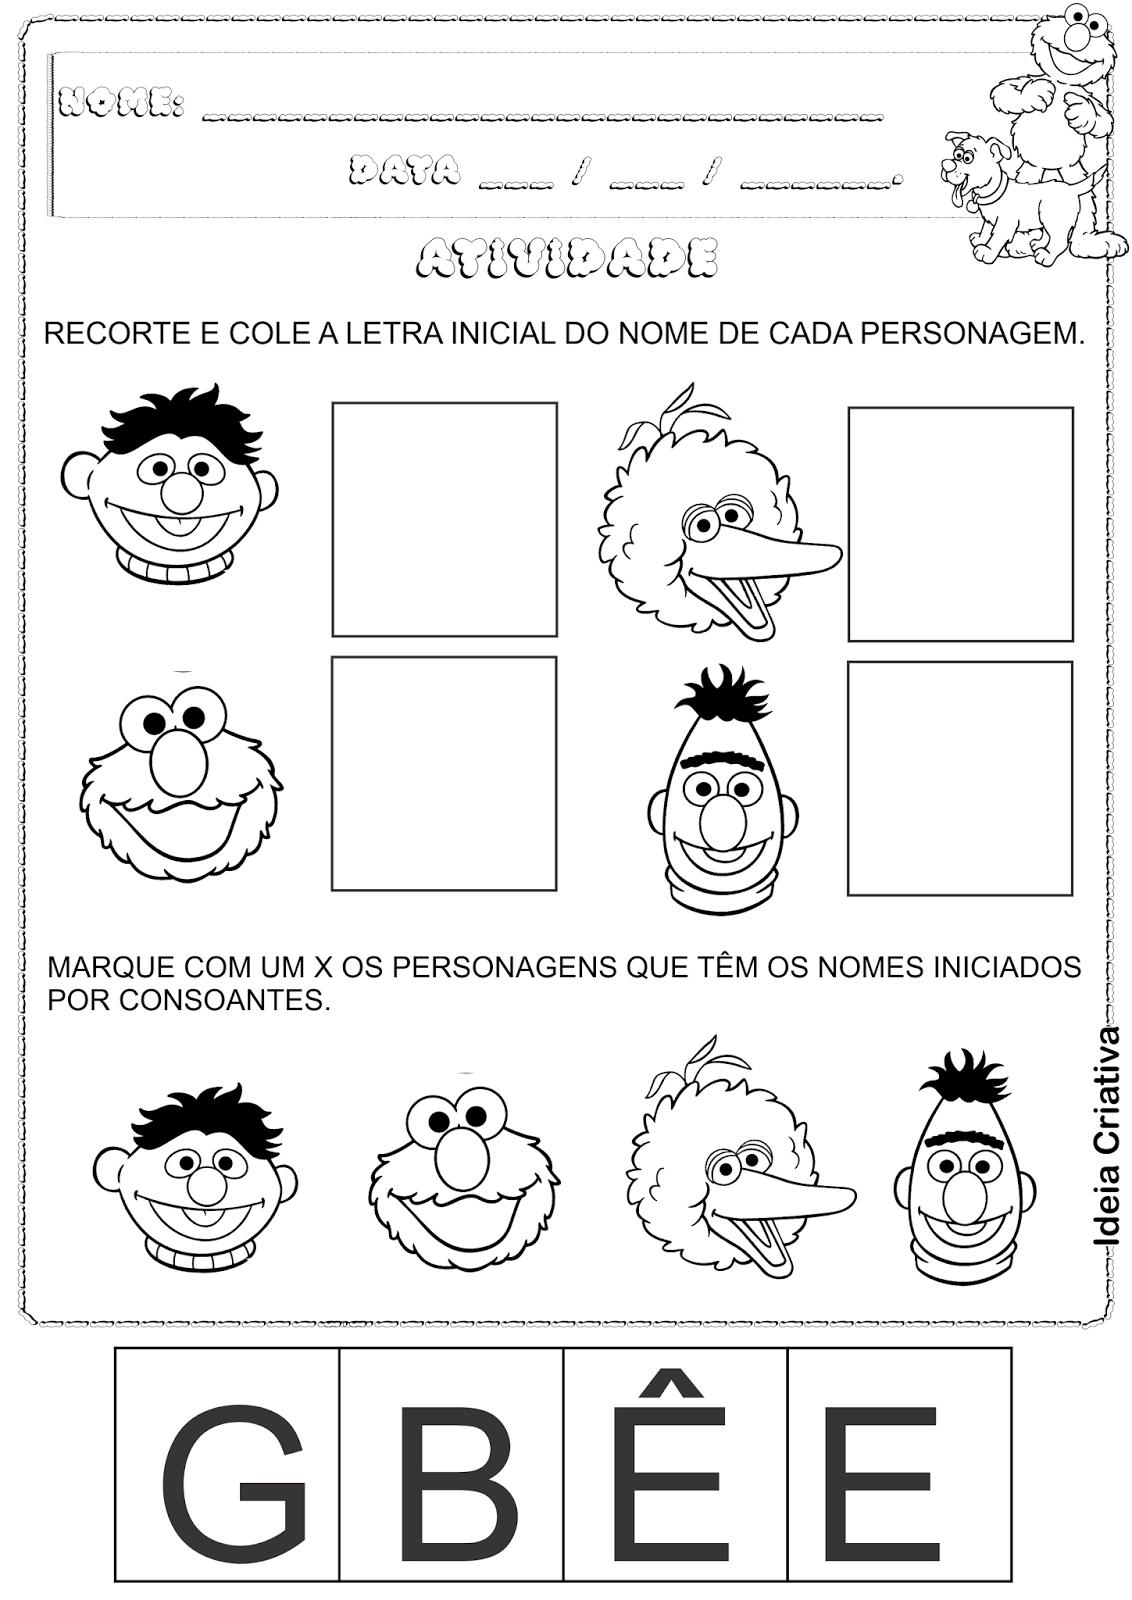 Atividade Vila Sésamo Vogais consoantes e letra inicial